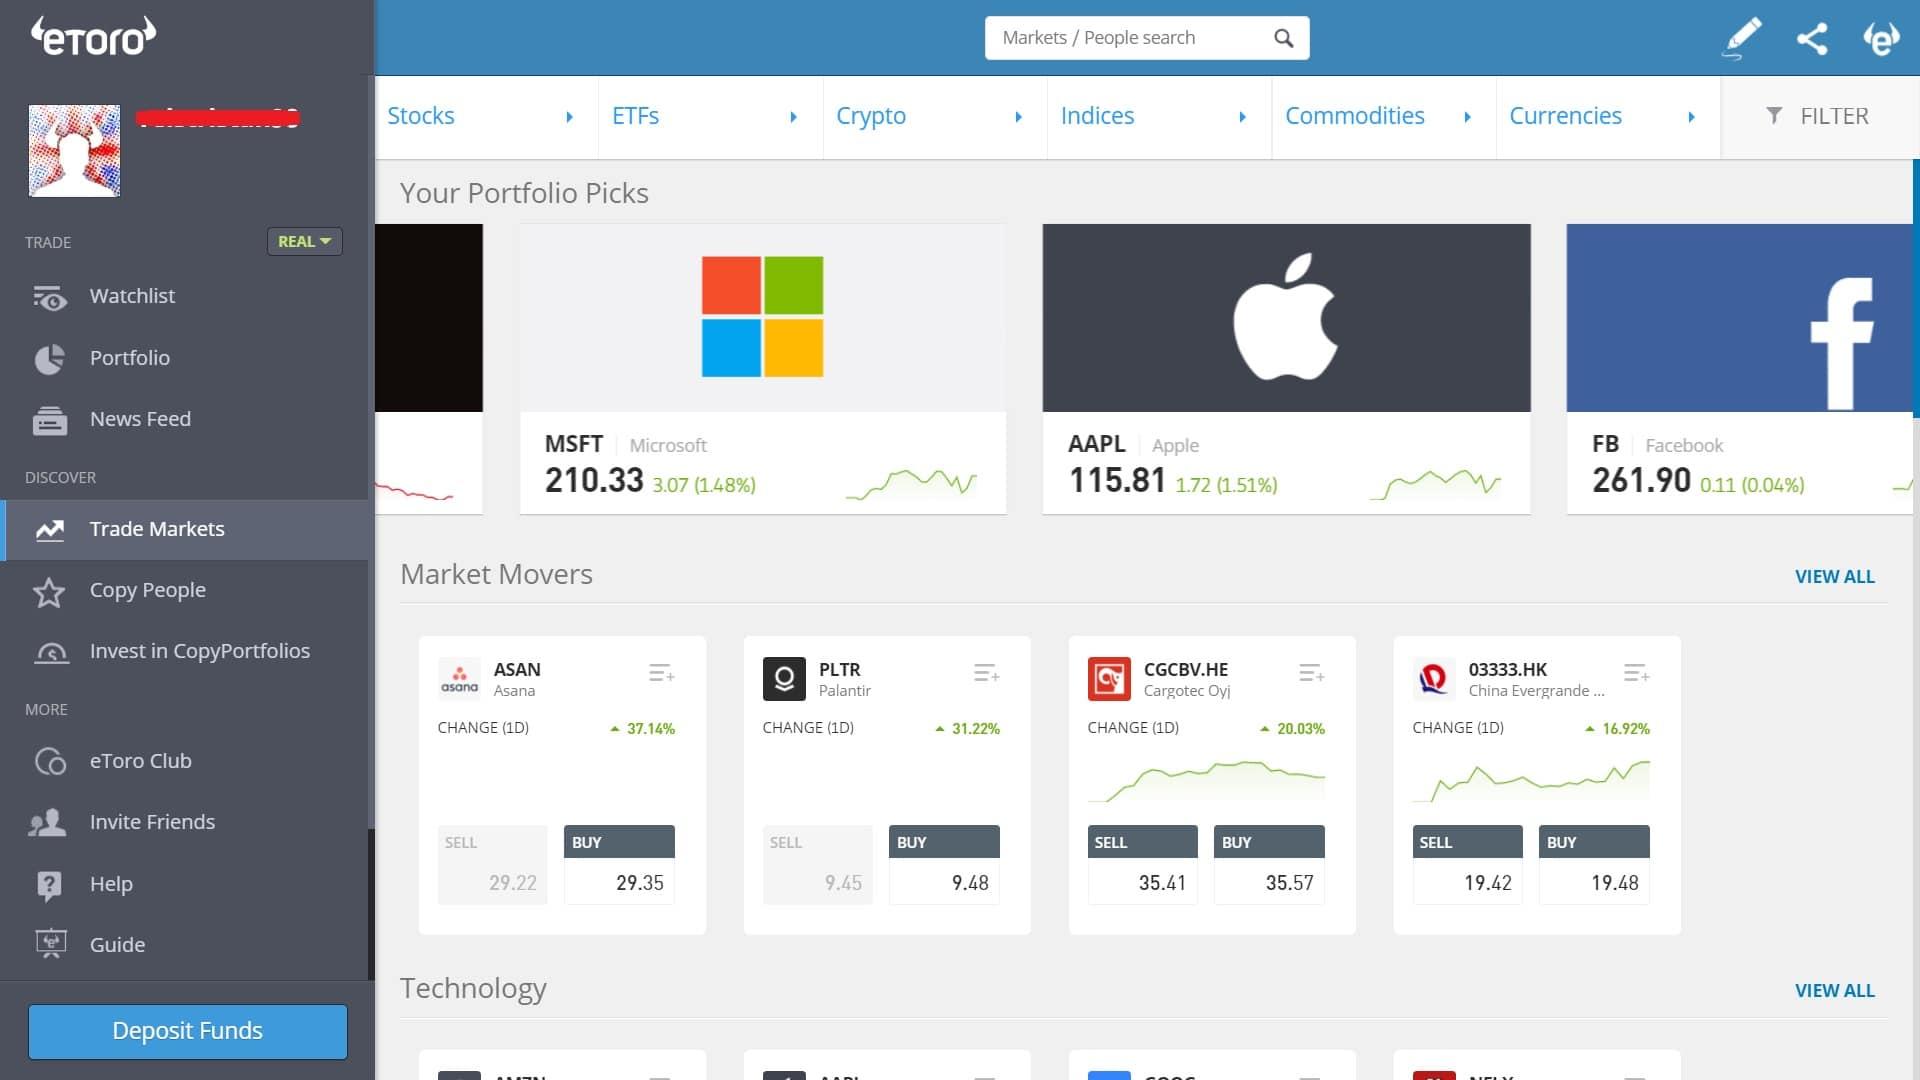 Stock trading on eToro's platform